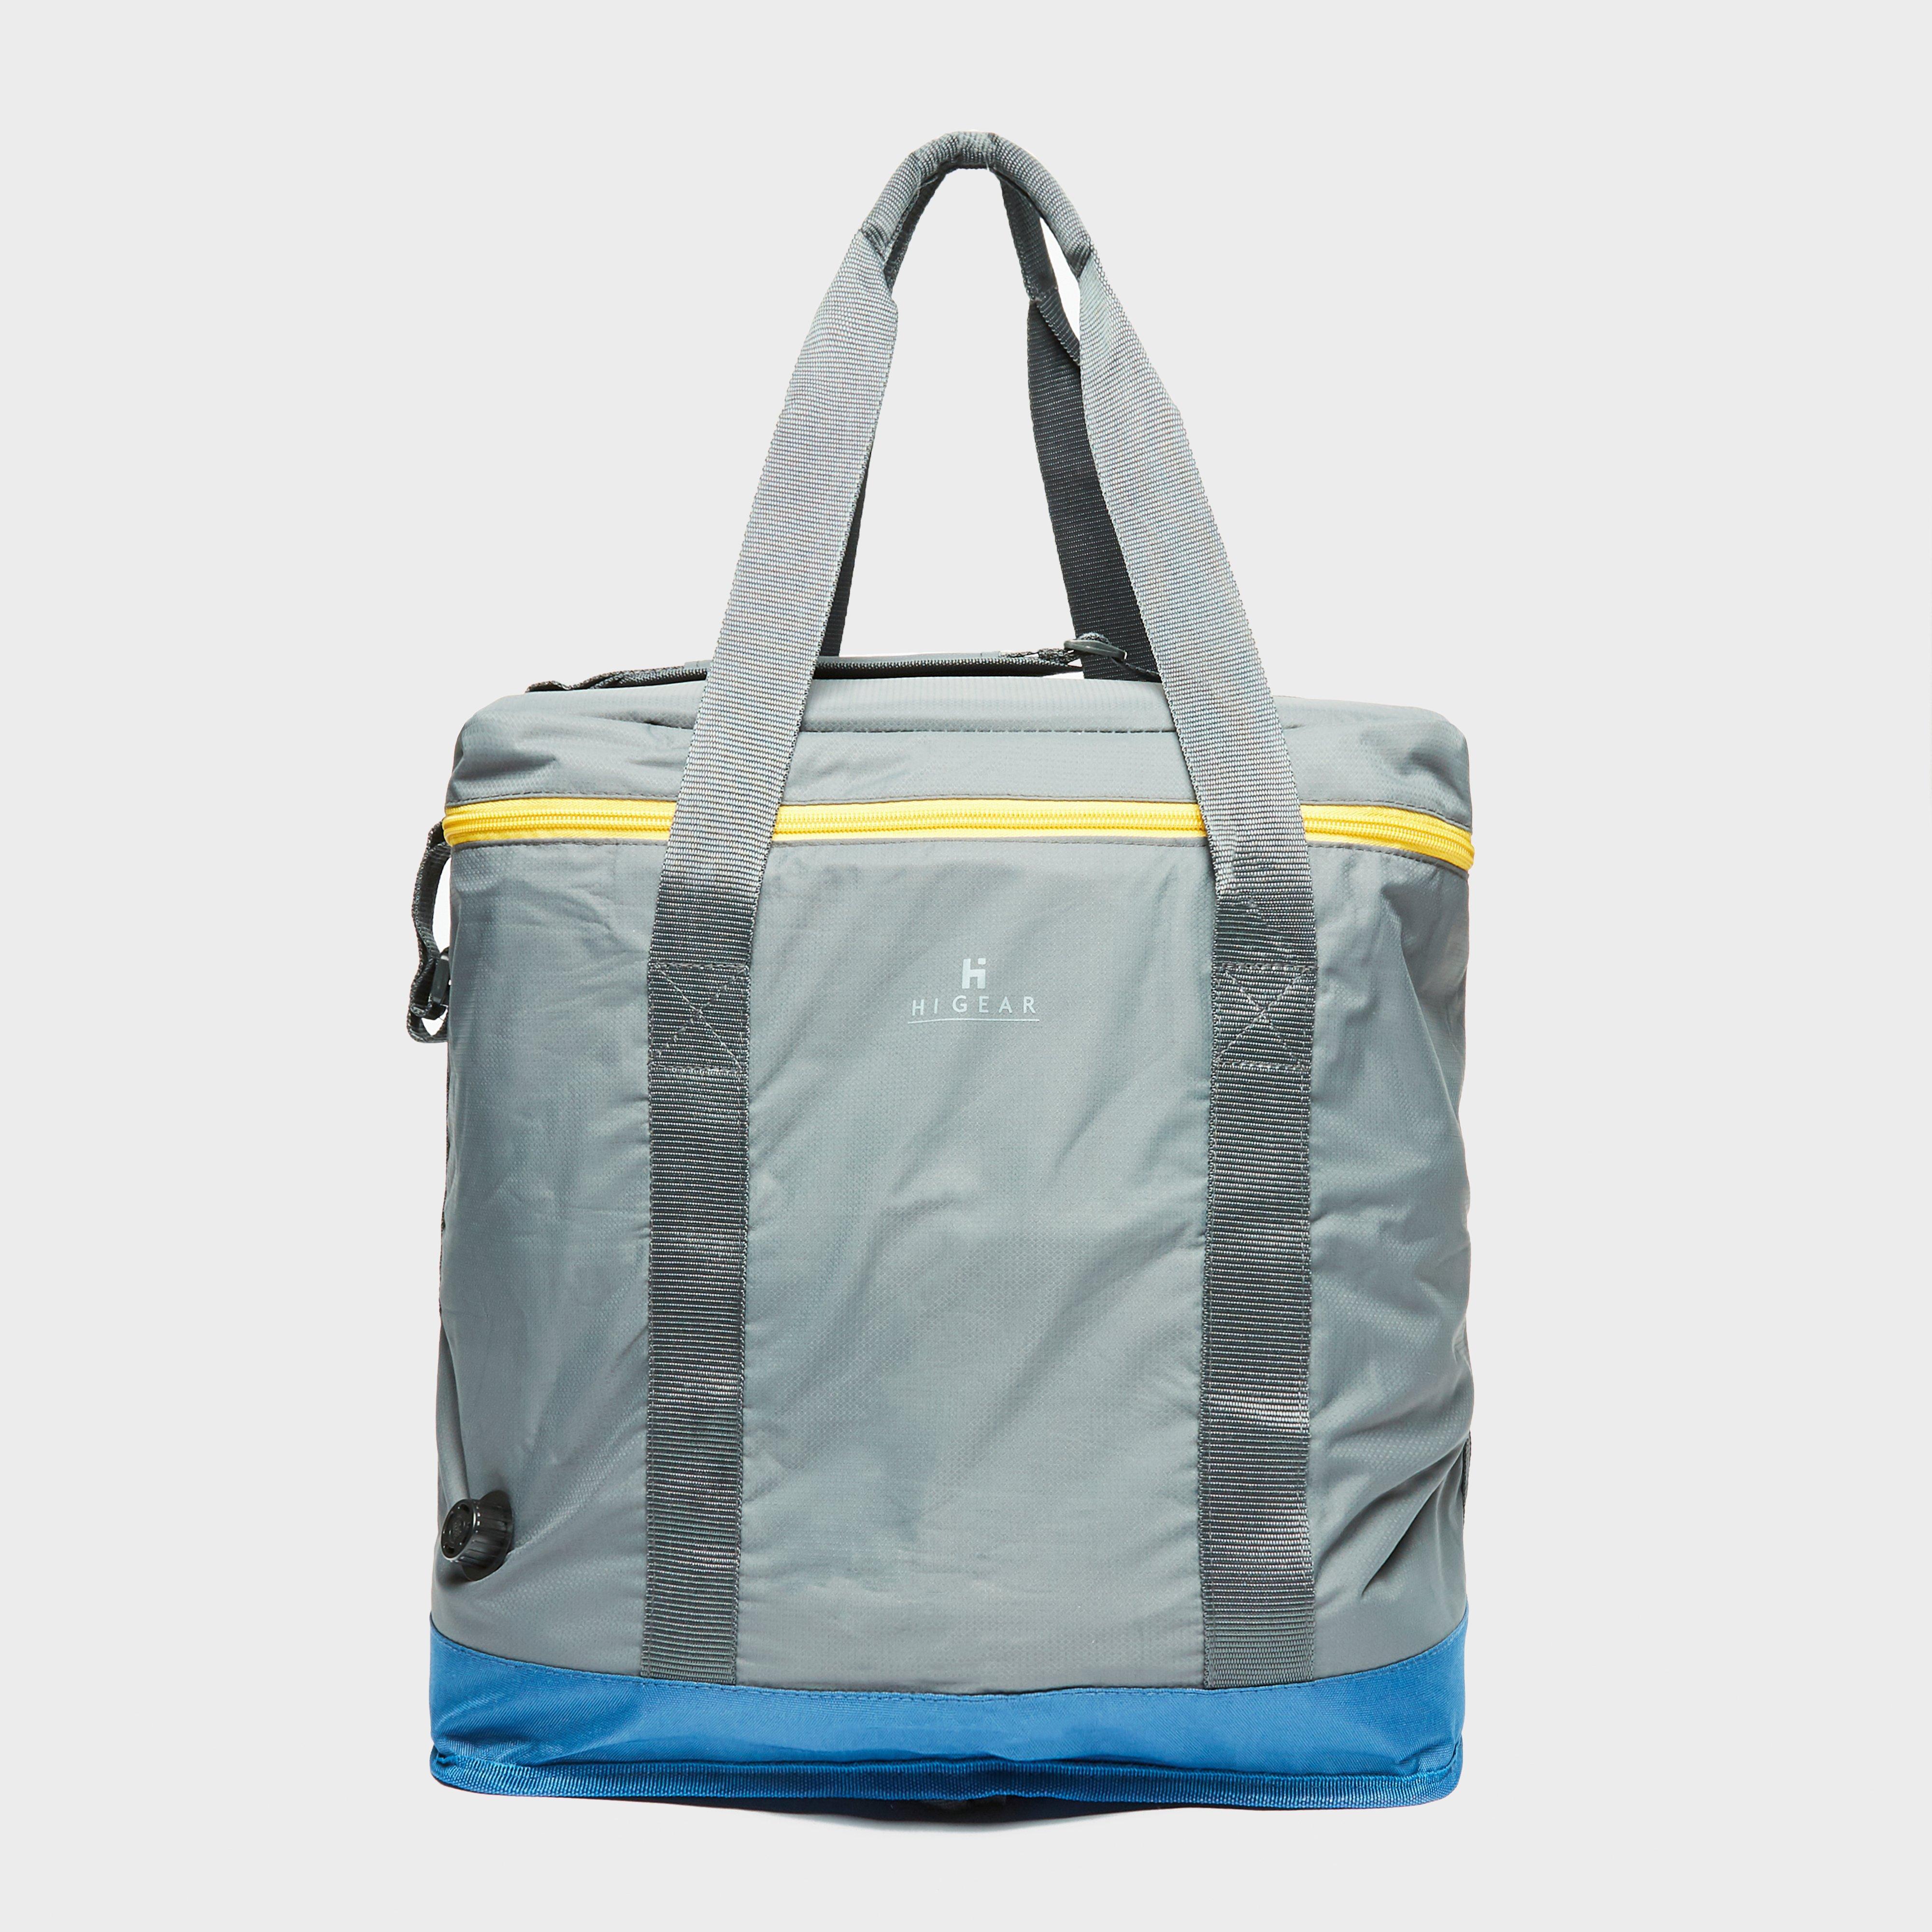 Hi-Gear 25L Cool Bag - Grey, Grey